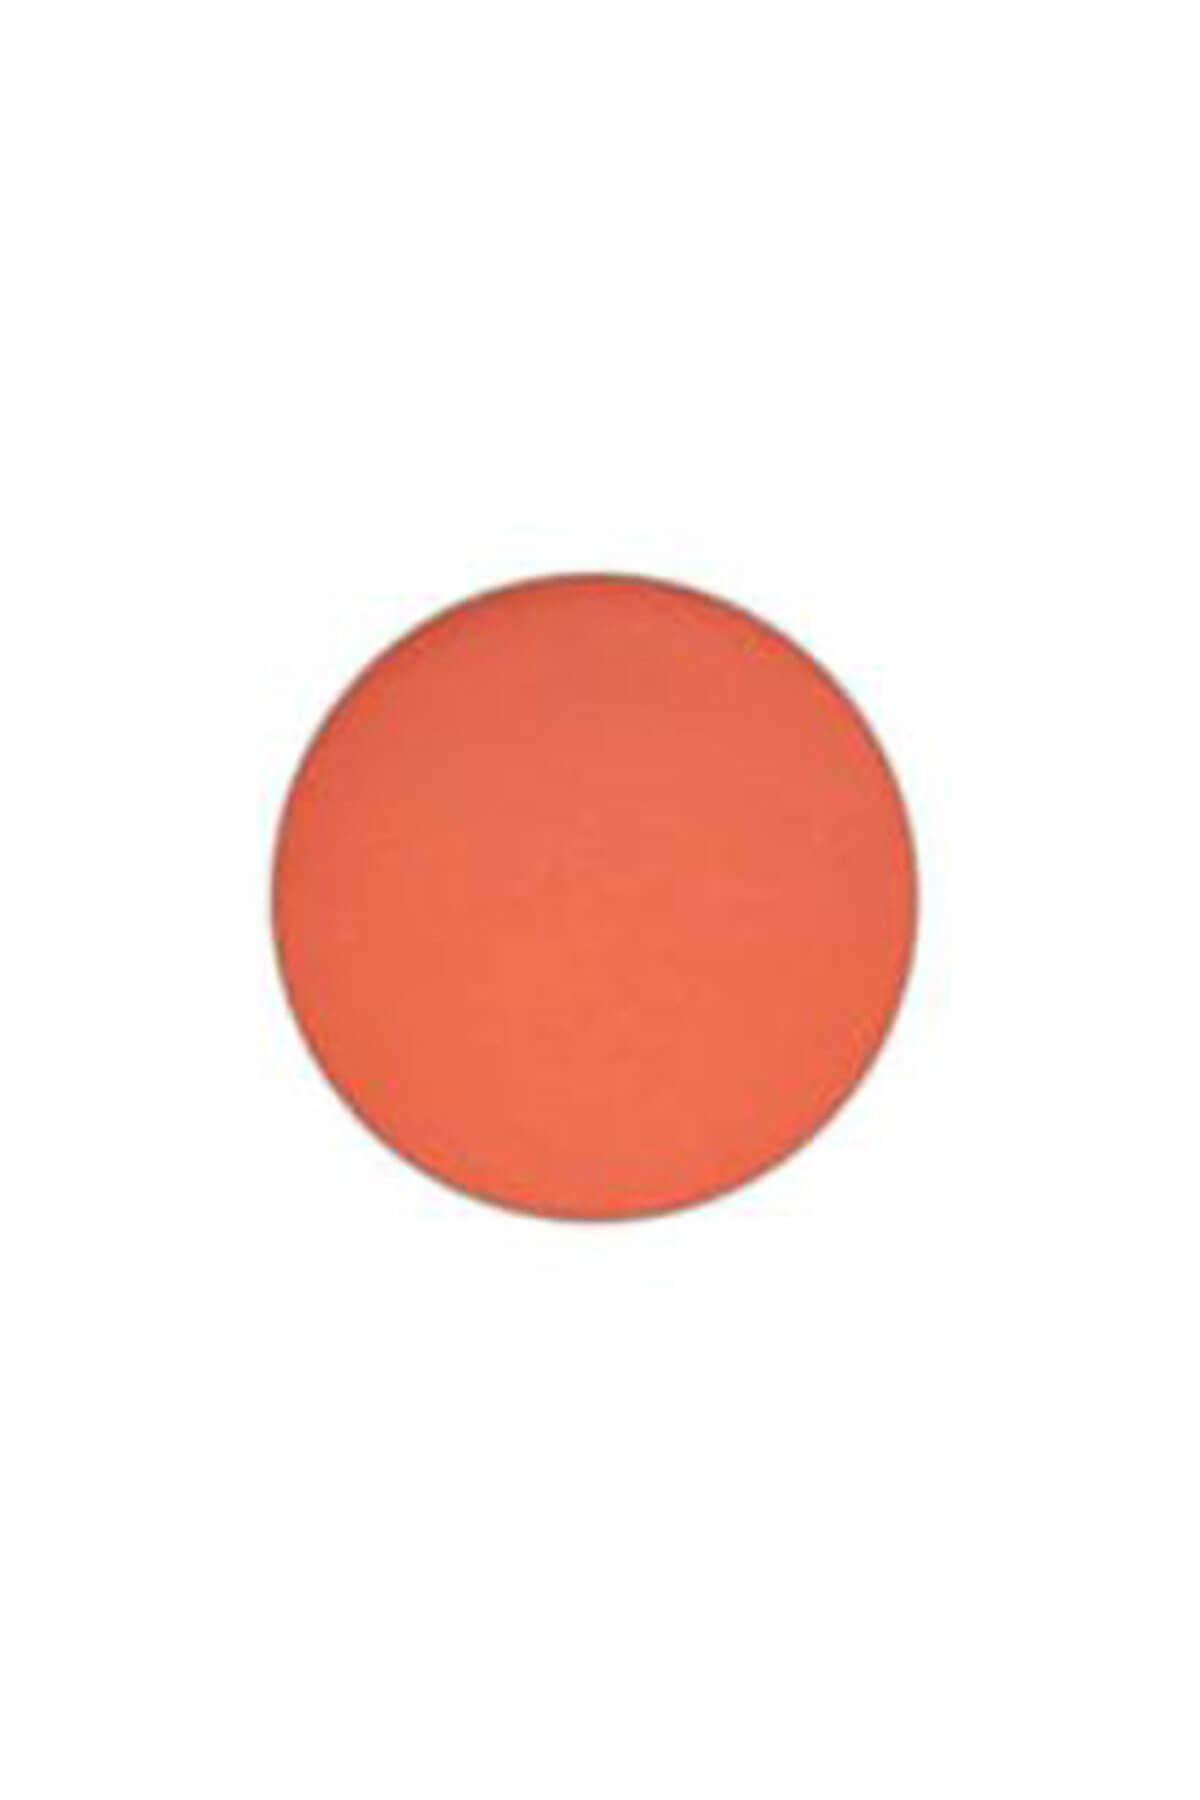 M.A.C Göz Farı - Refill Far Red Brick 1.5 g 773602204212 1